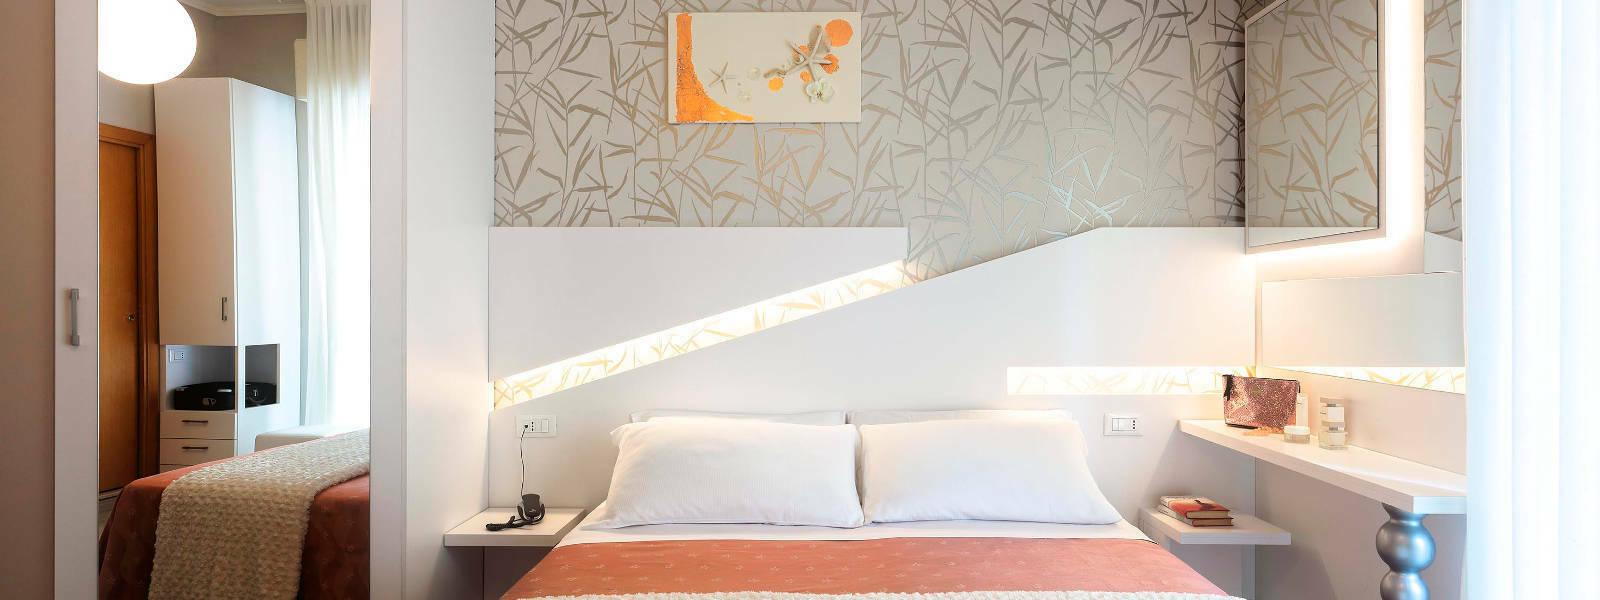 Camera Hotel Ombretta Mare Letto e Specchio